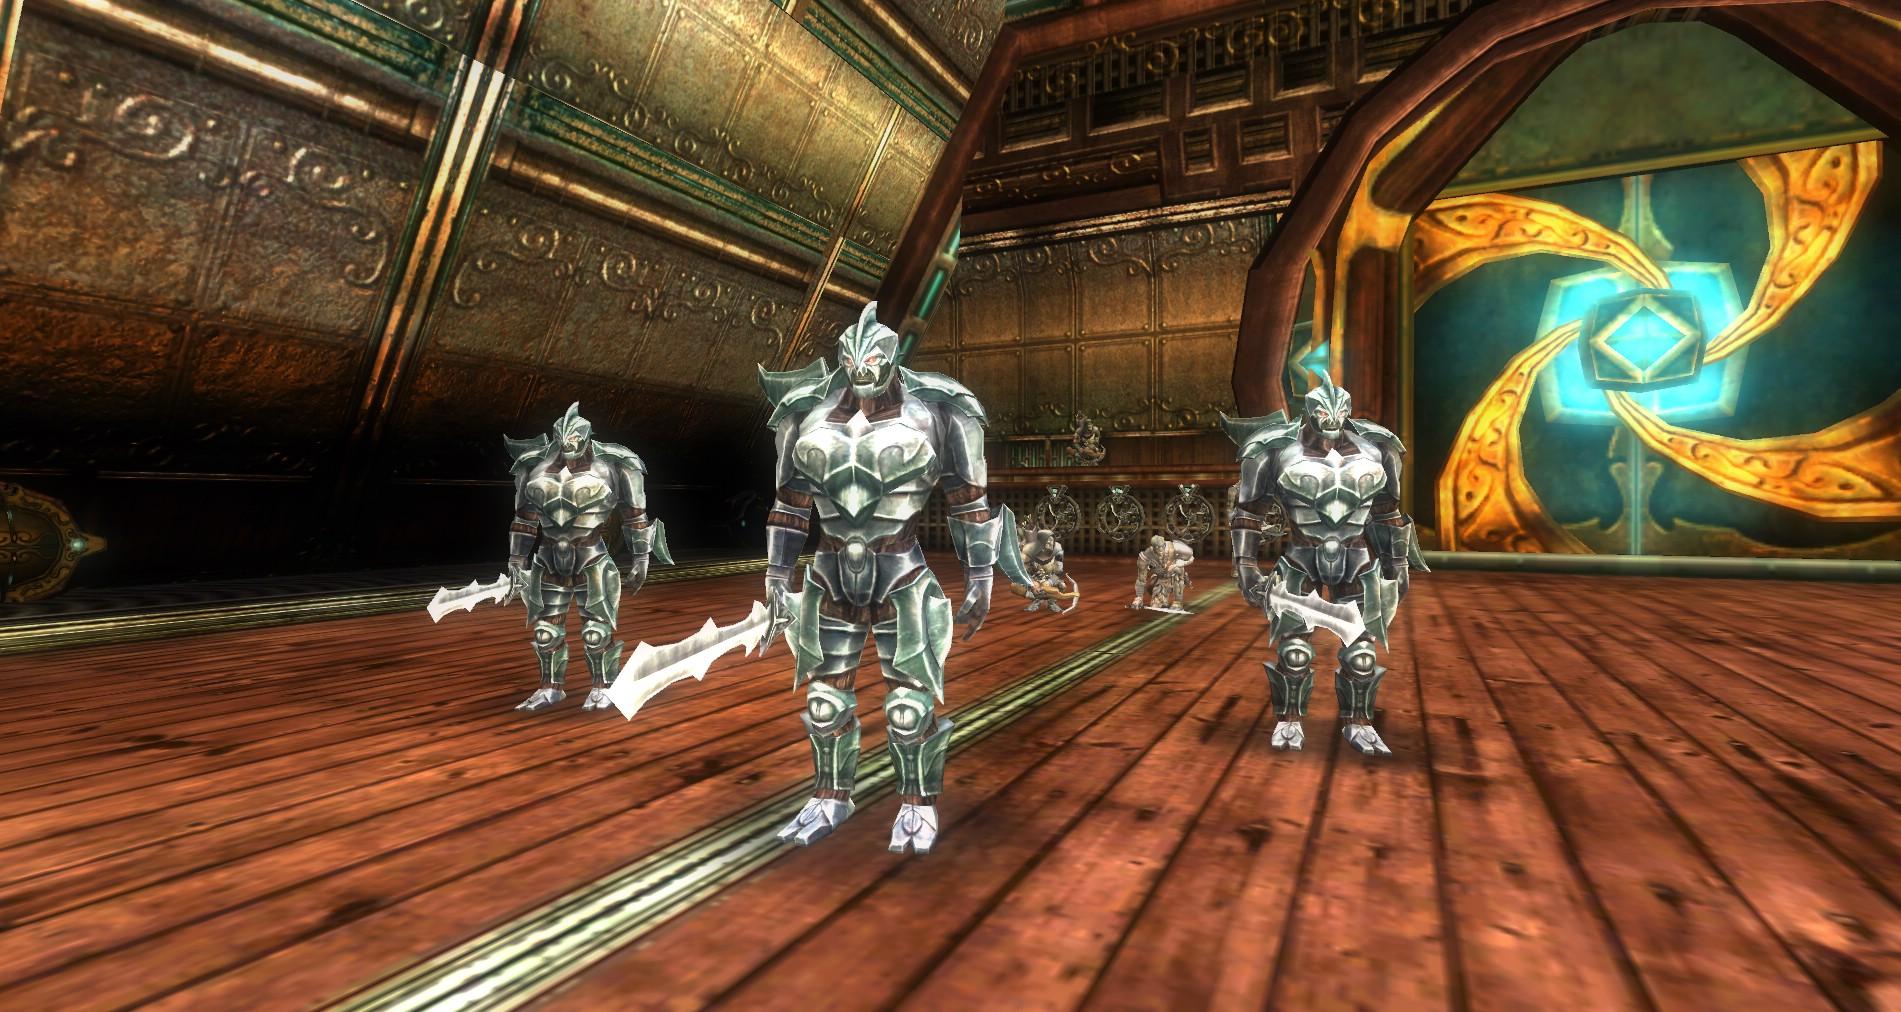 u11-schemes-of-the-enemy-bladesworn-warriors